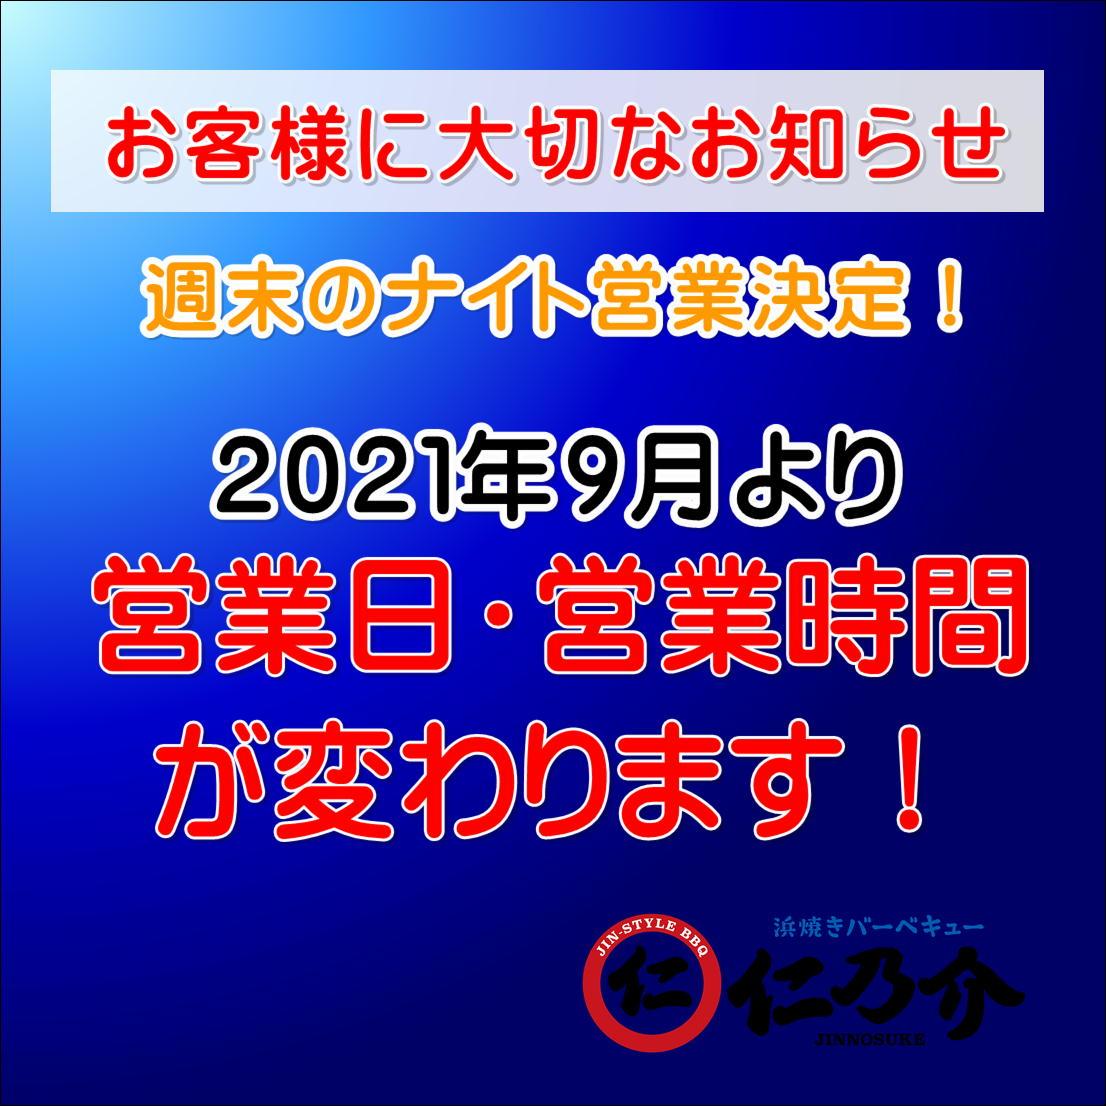 【週末ナイト営業決定!】営業時間変更のお知らせ